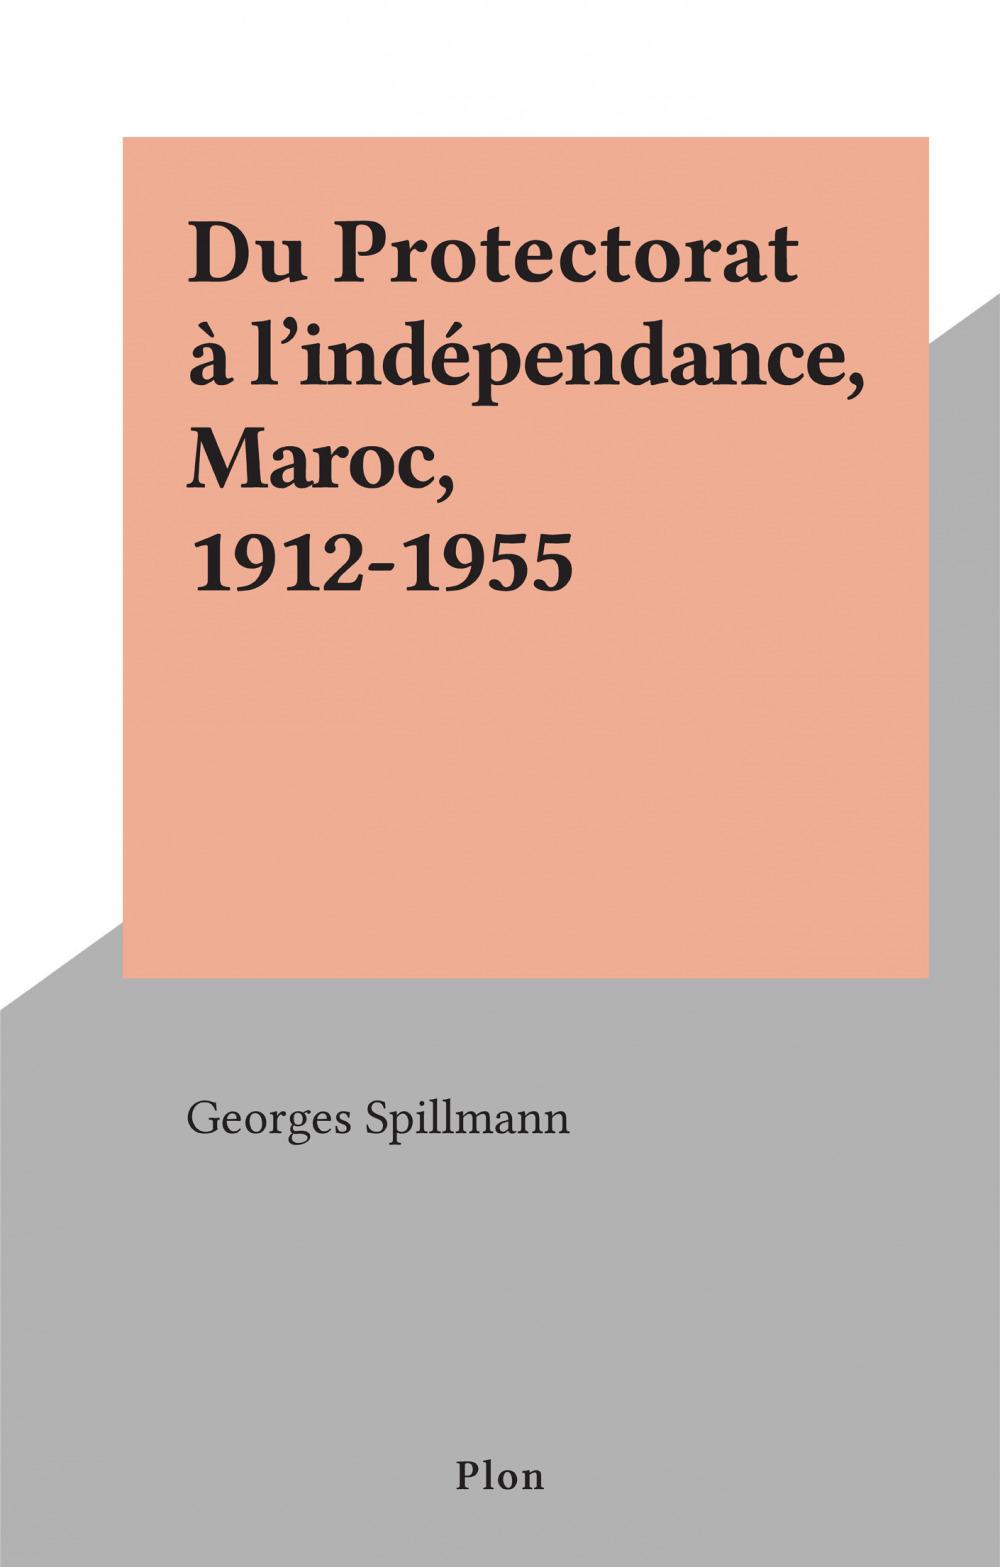 Du Protectorat à l'indépendance, Maroc, 1912-1955